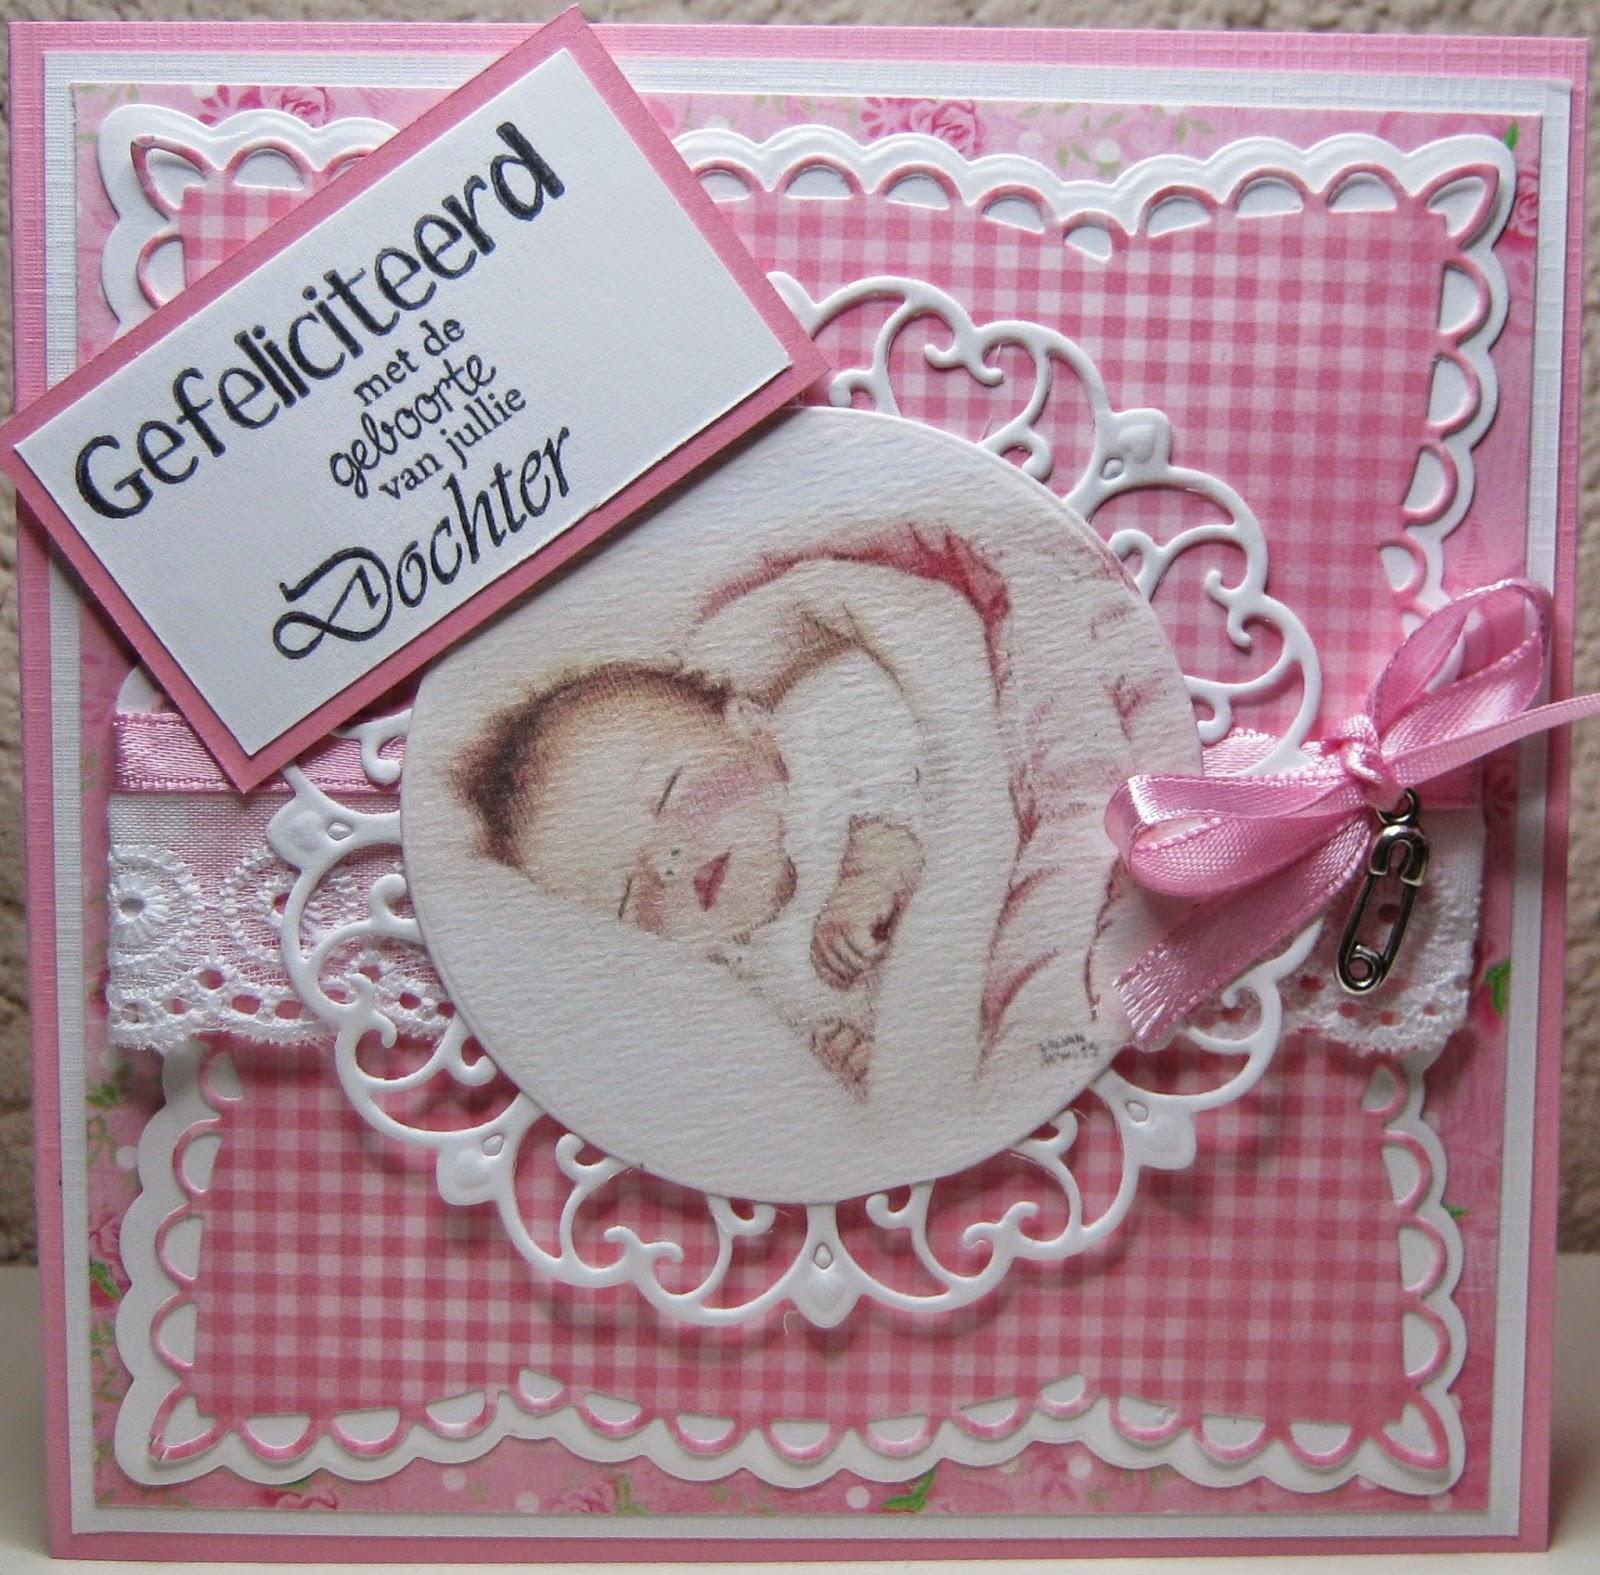 hartelijk gefeliciteerd met jullie dochter Van Harte Gefeliciteerd Met Geboorte Van Jullie Dochter   ARCHIDEV hartelijk gefeliciteerd met jullie dochter